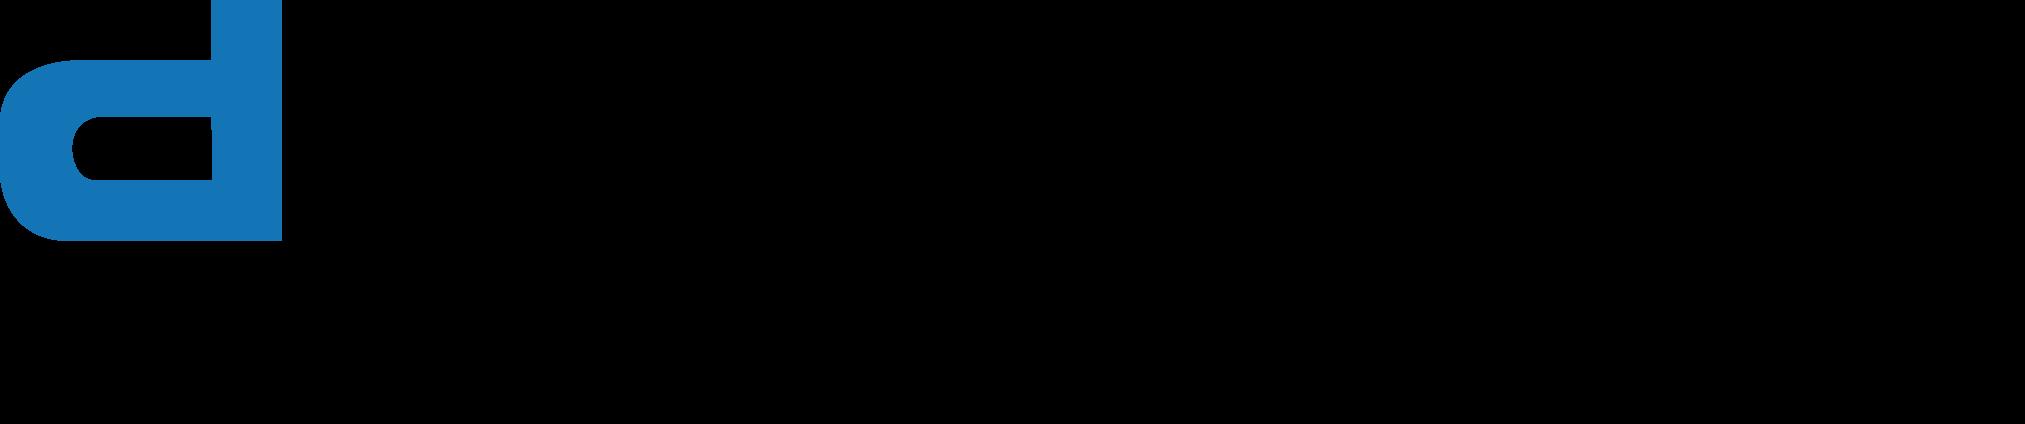 https://0201.nccdn.net/1_2/000/000/173/278/logo-dp-2025x424.png